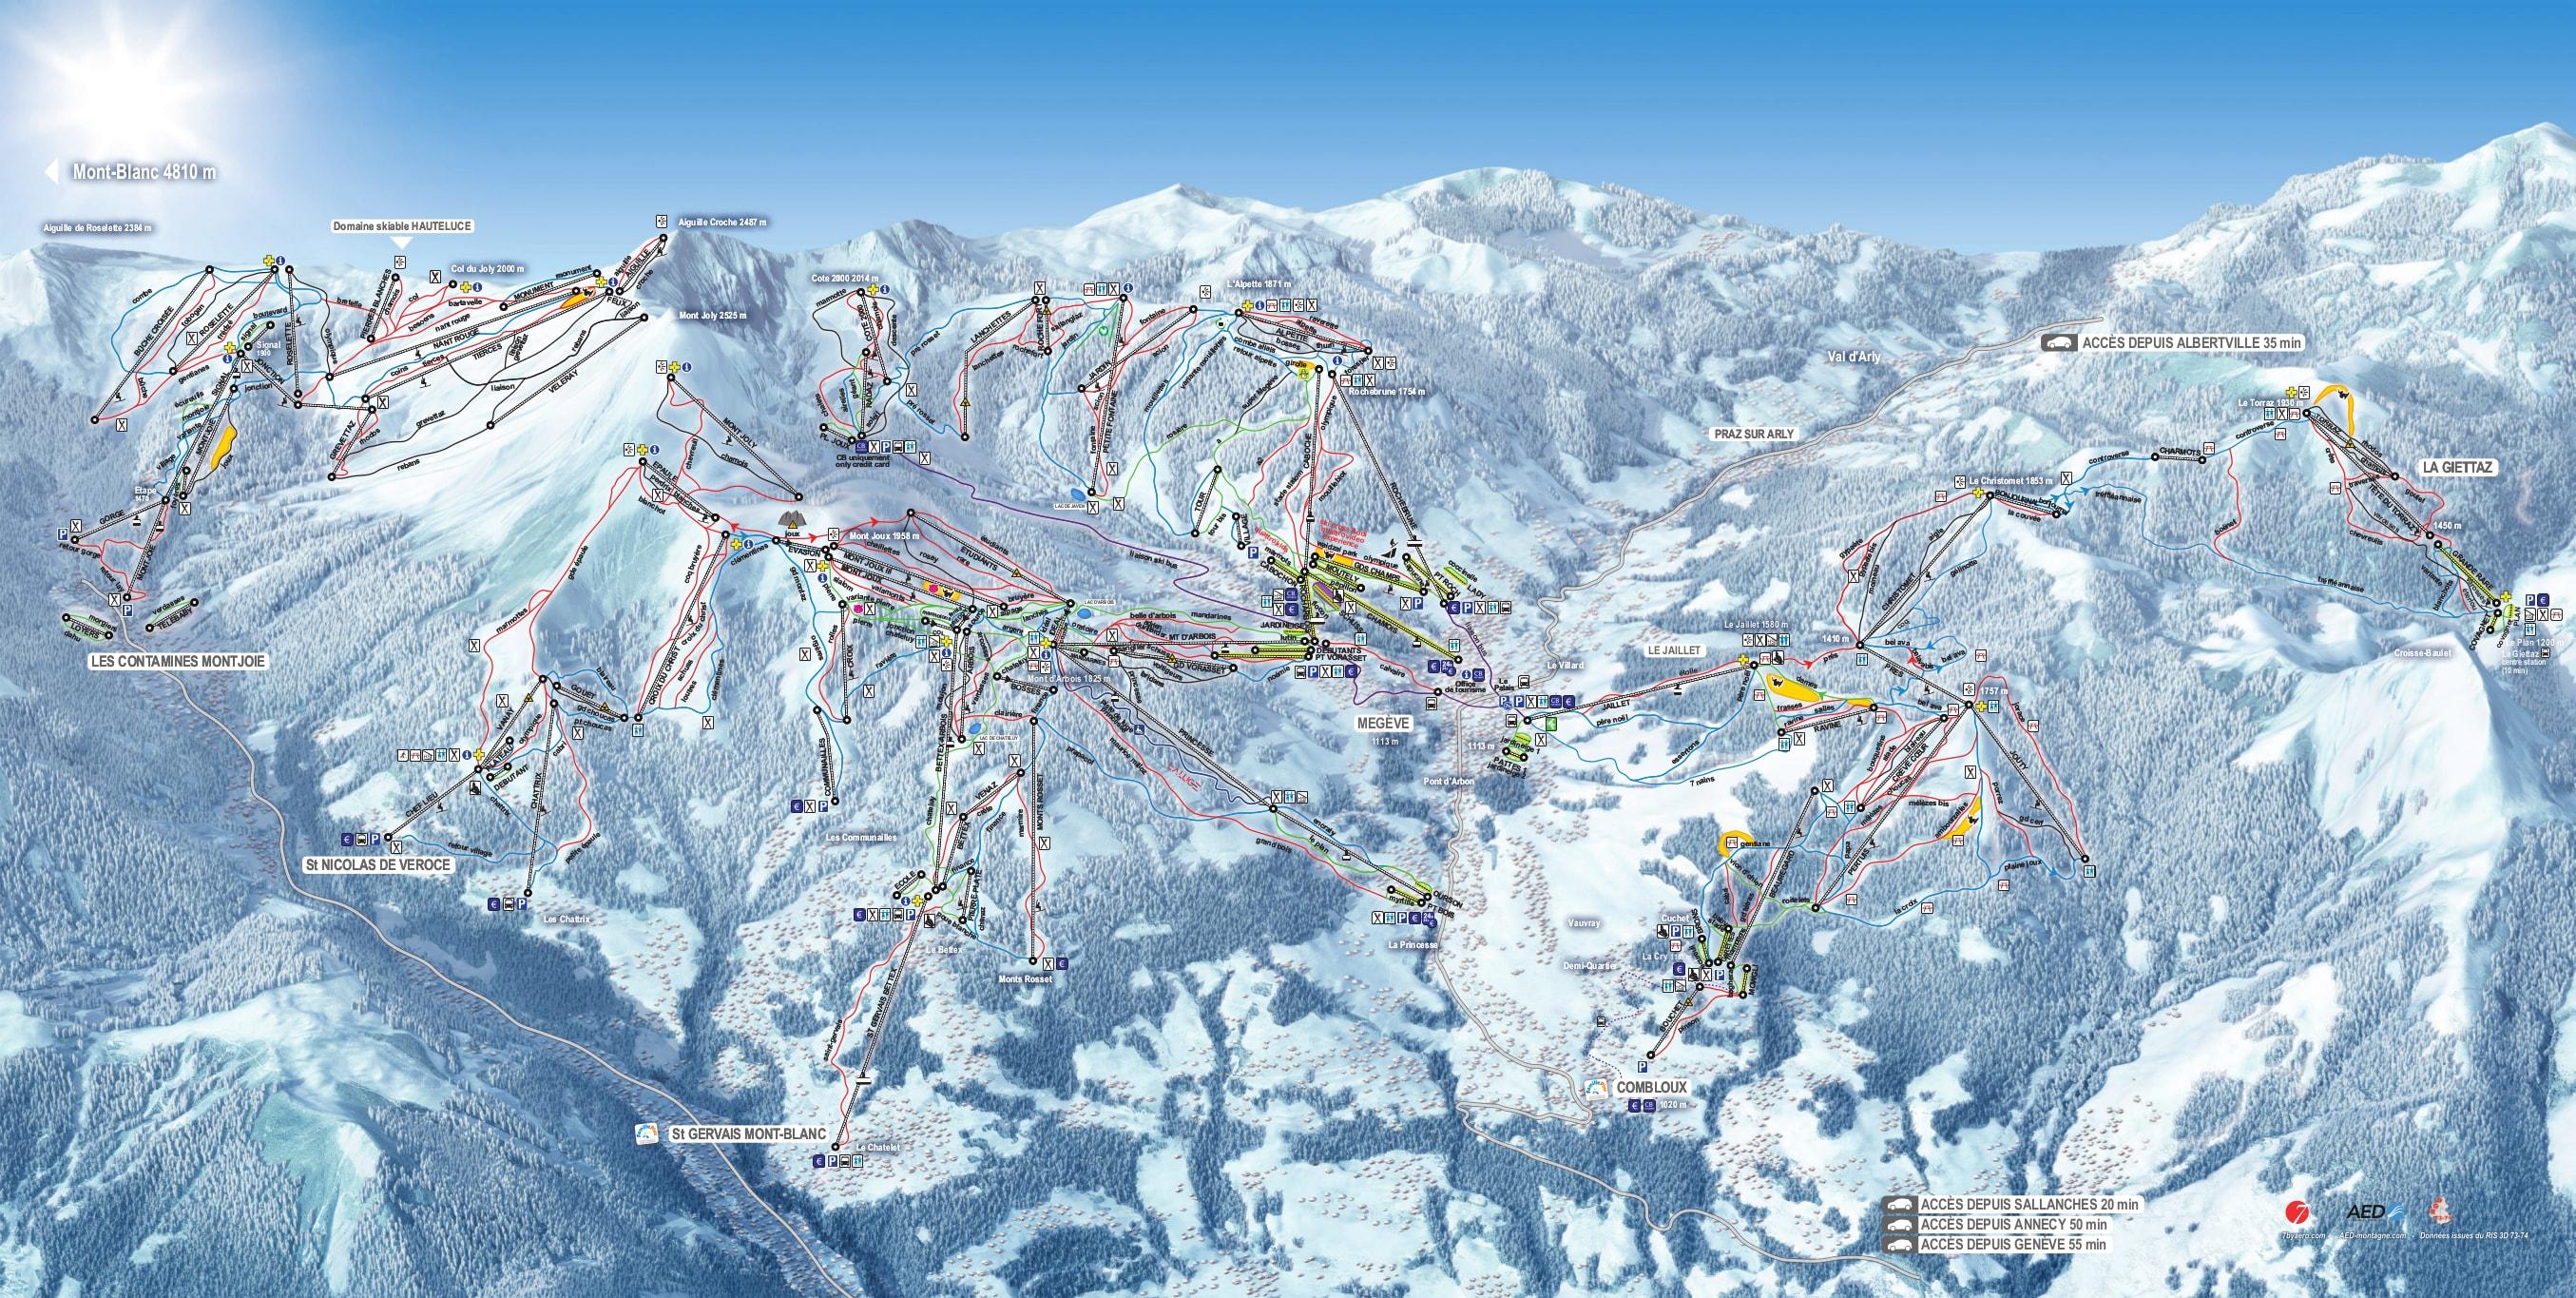 Mont Blanc France Map.Evasion Mont Blanc Ski Map Free Download